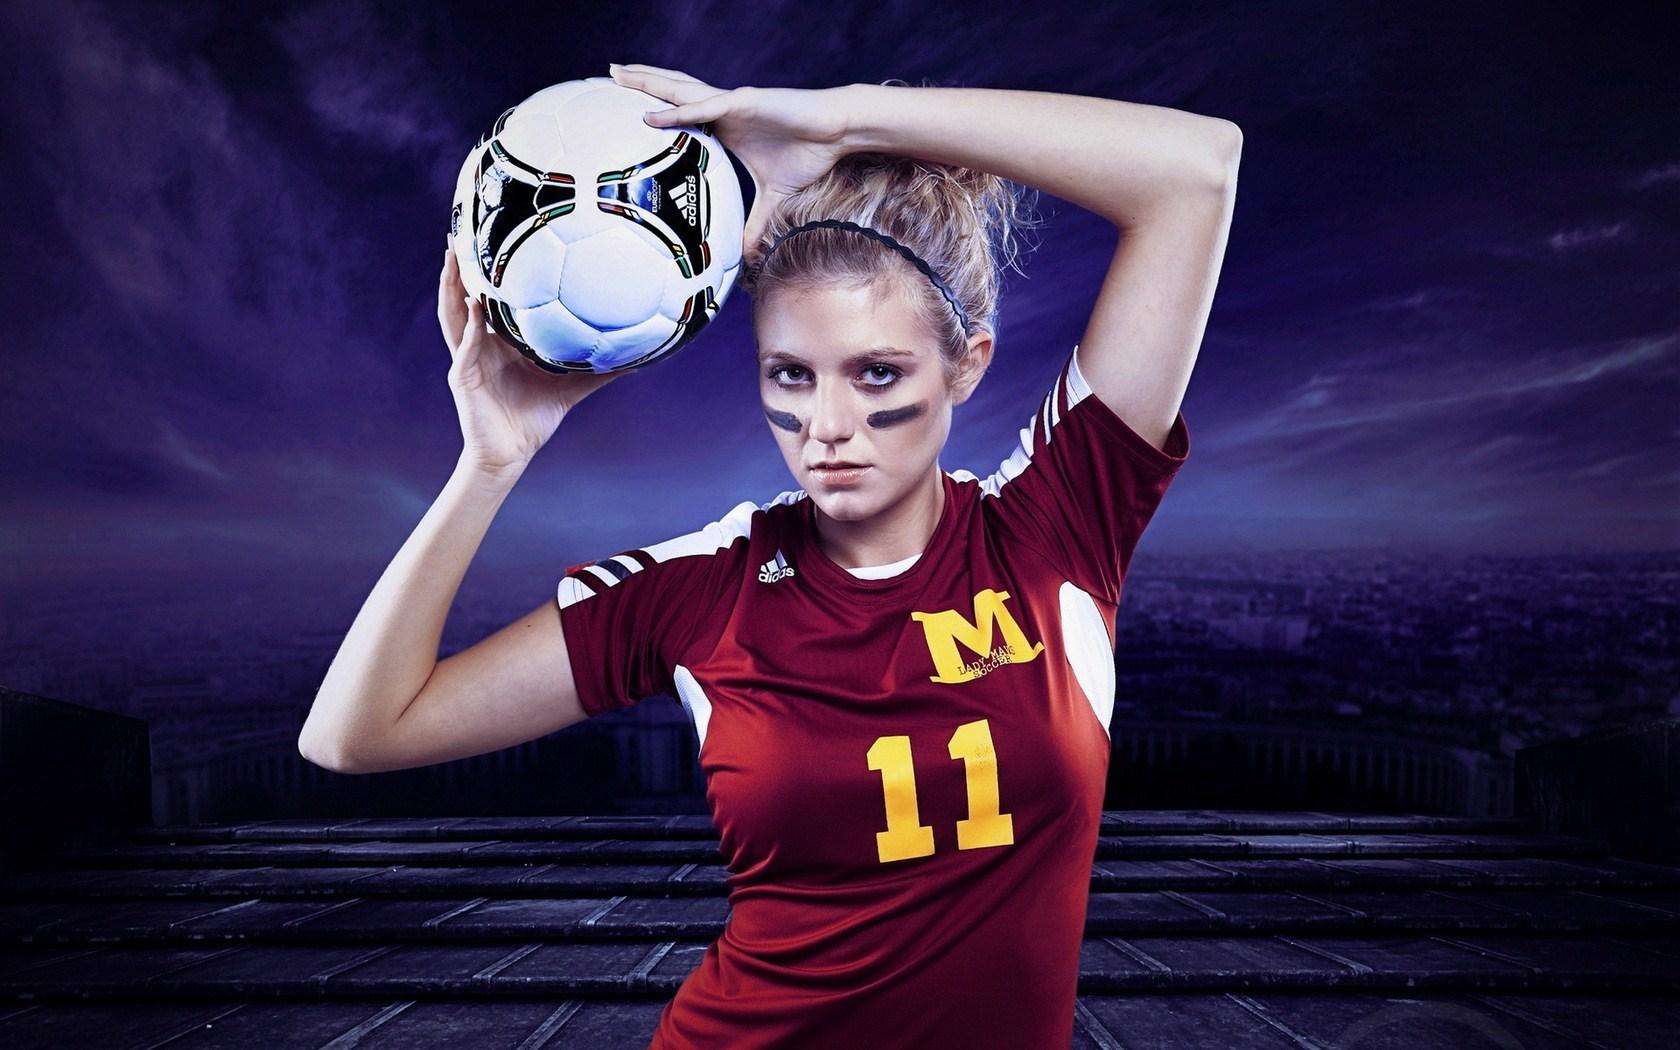 Soccer Girls Wallpaper Free